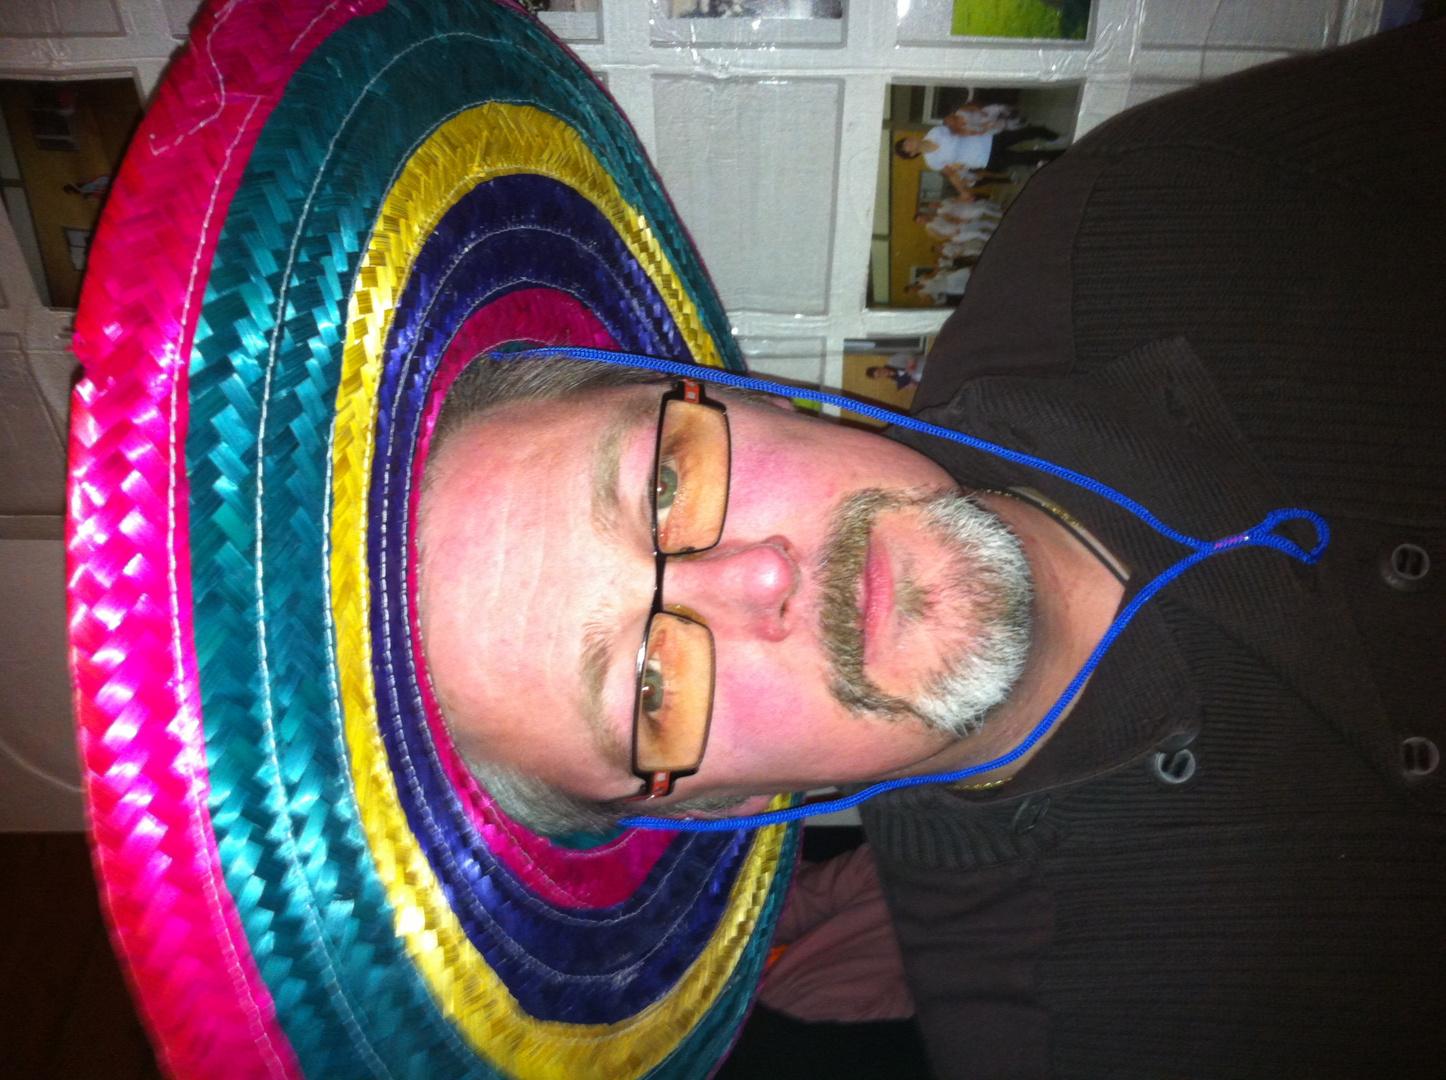 Noch n Tequila oder was :-)